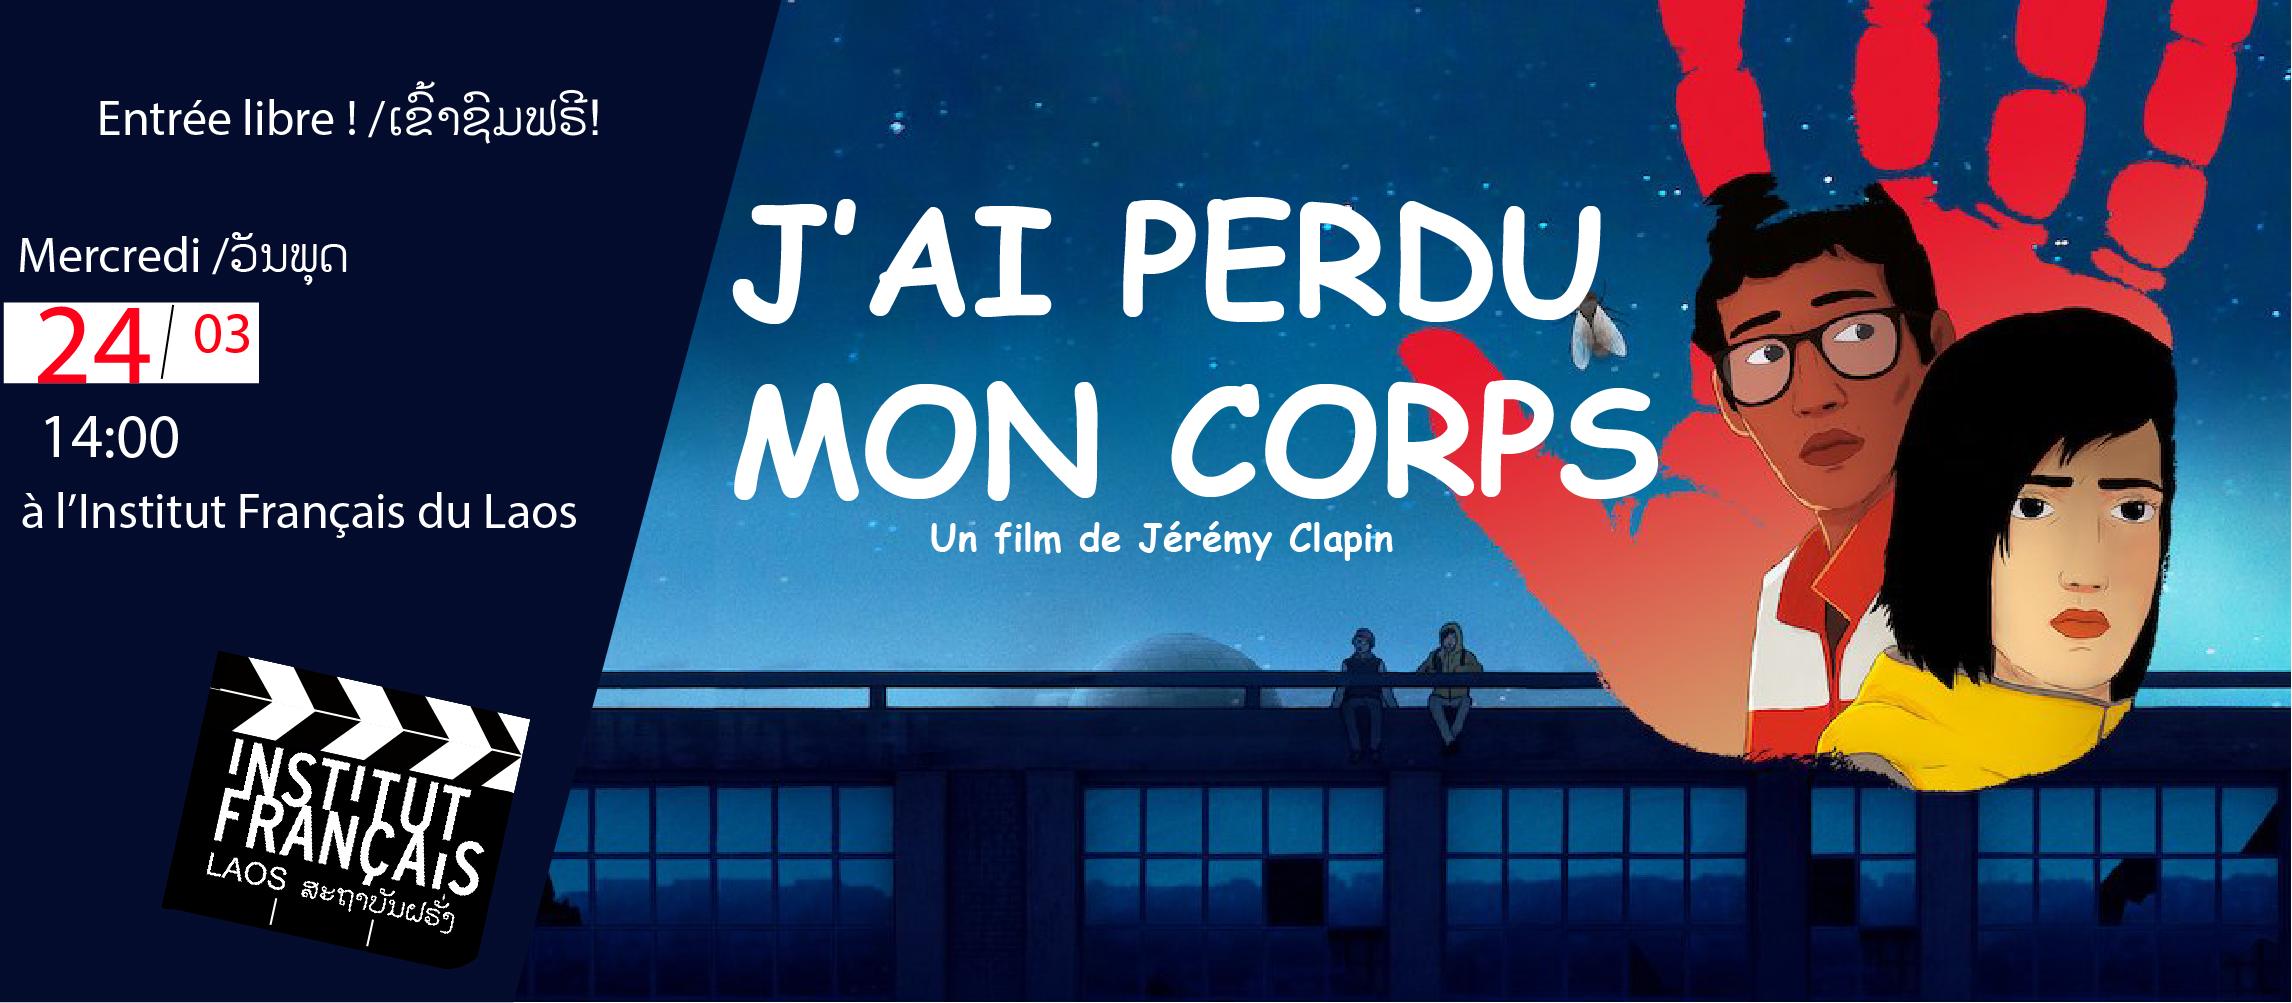 FILM ENFANTS // J'AI PERDU MON CORPS